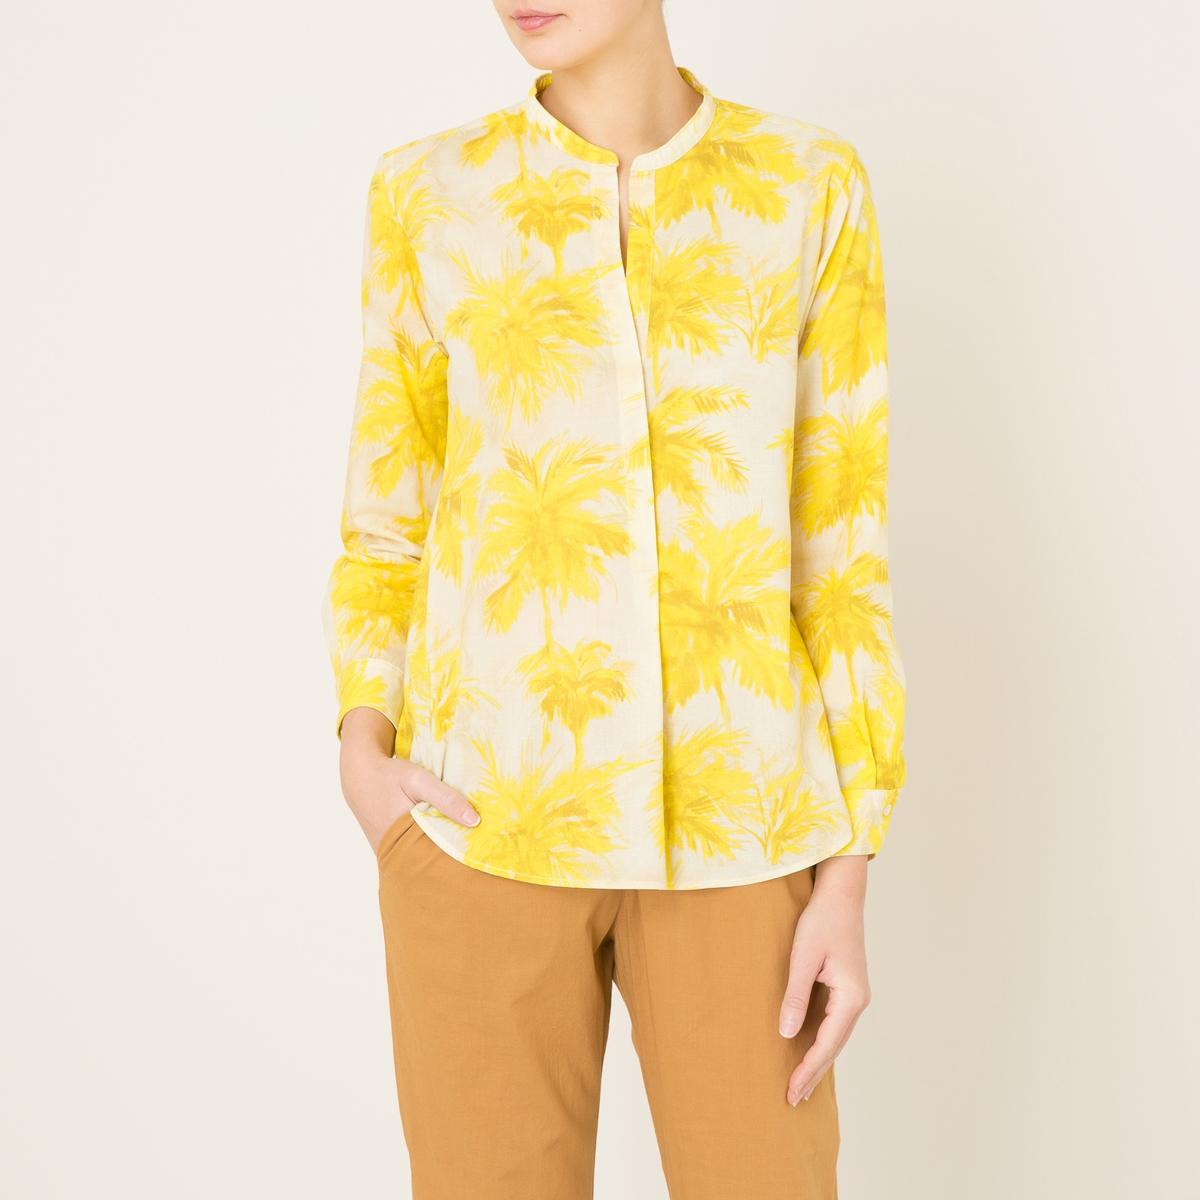 Блузка с рисунком от HARTFORD